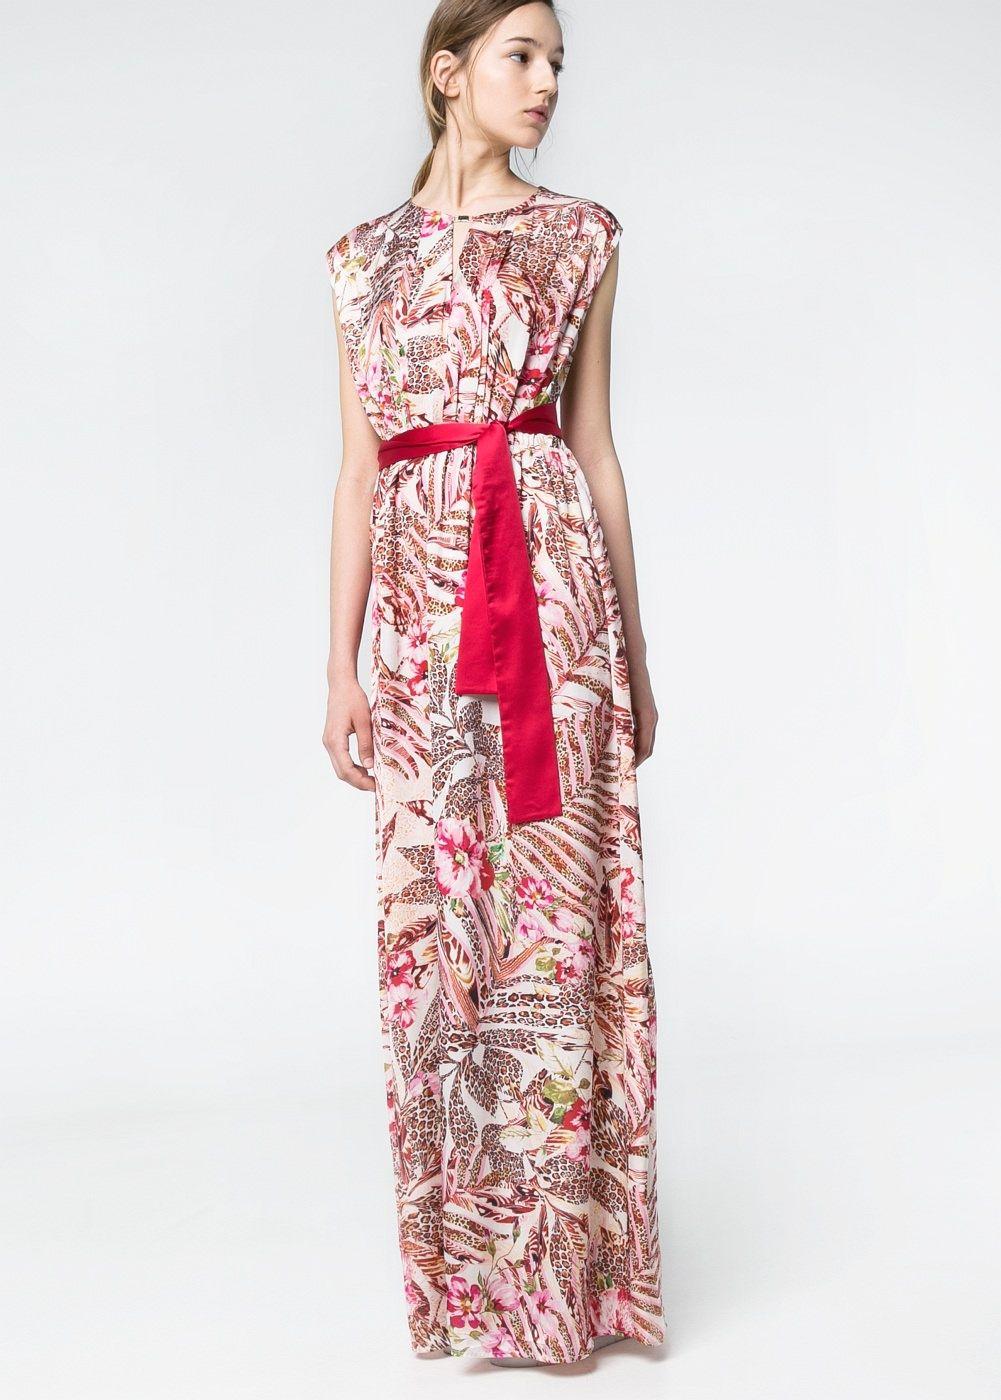 Vestido estampados combinados - Mujer | Moda | Pinterest | Estampado ...